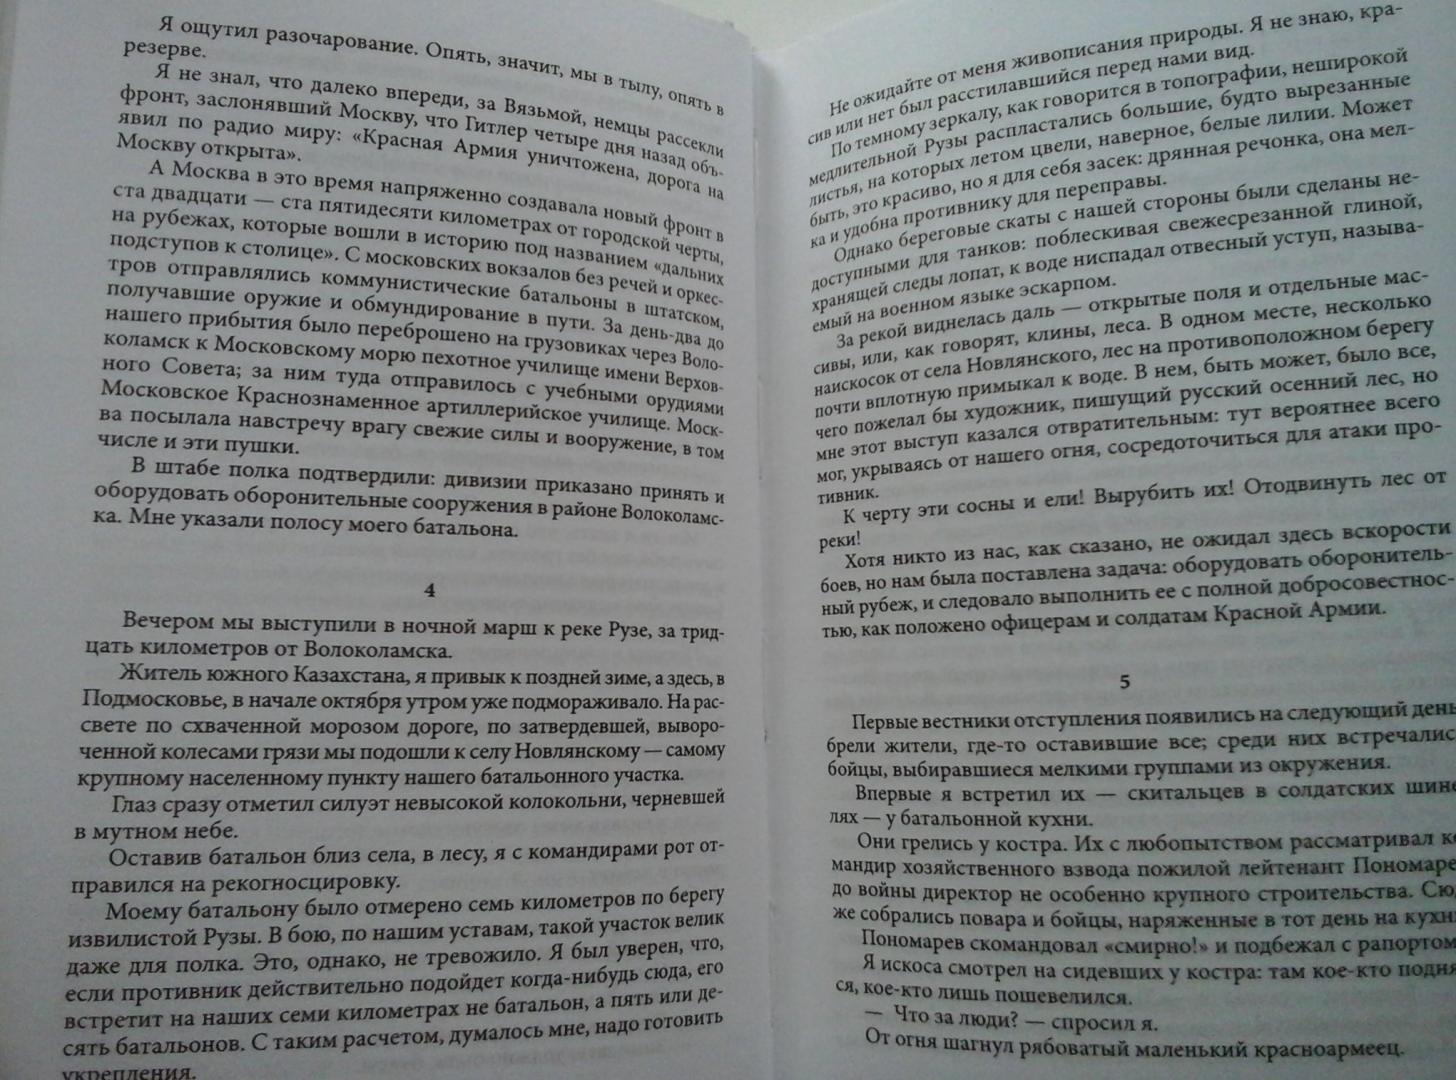 Иллюстрация 4 из 18 для Волоколамское шоссе - Александр Бек | Лабиринт - книги. Источник: Мошков Евгений Васильевич